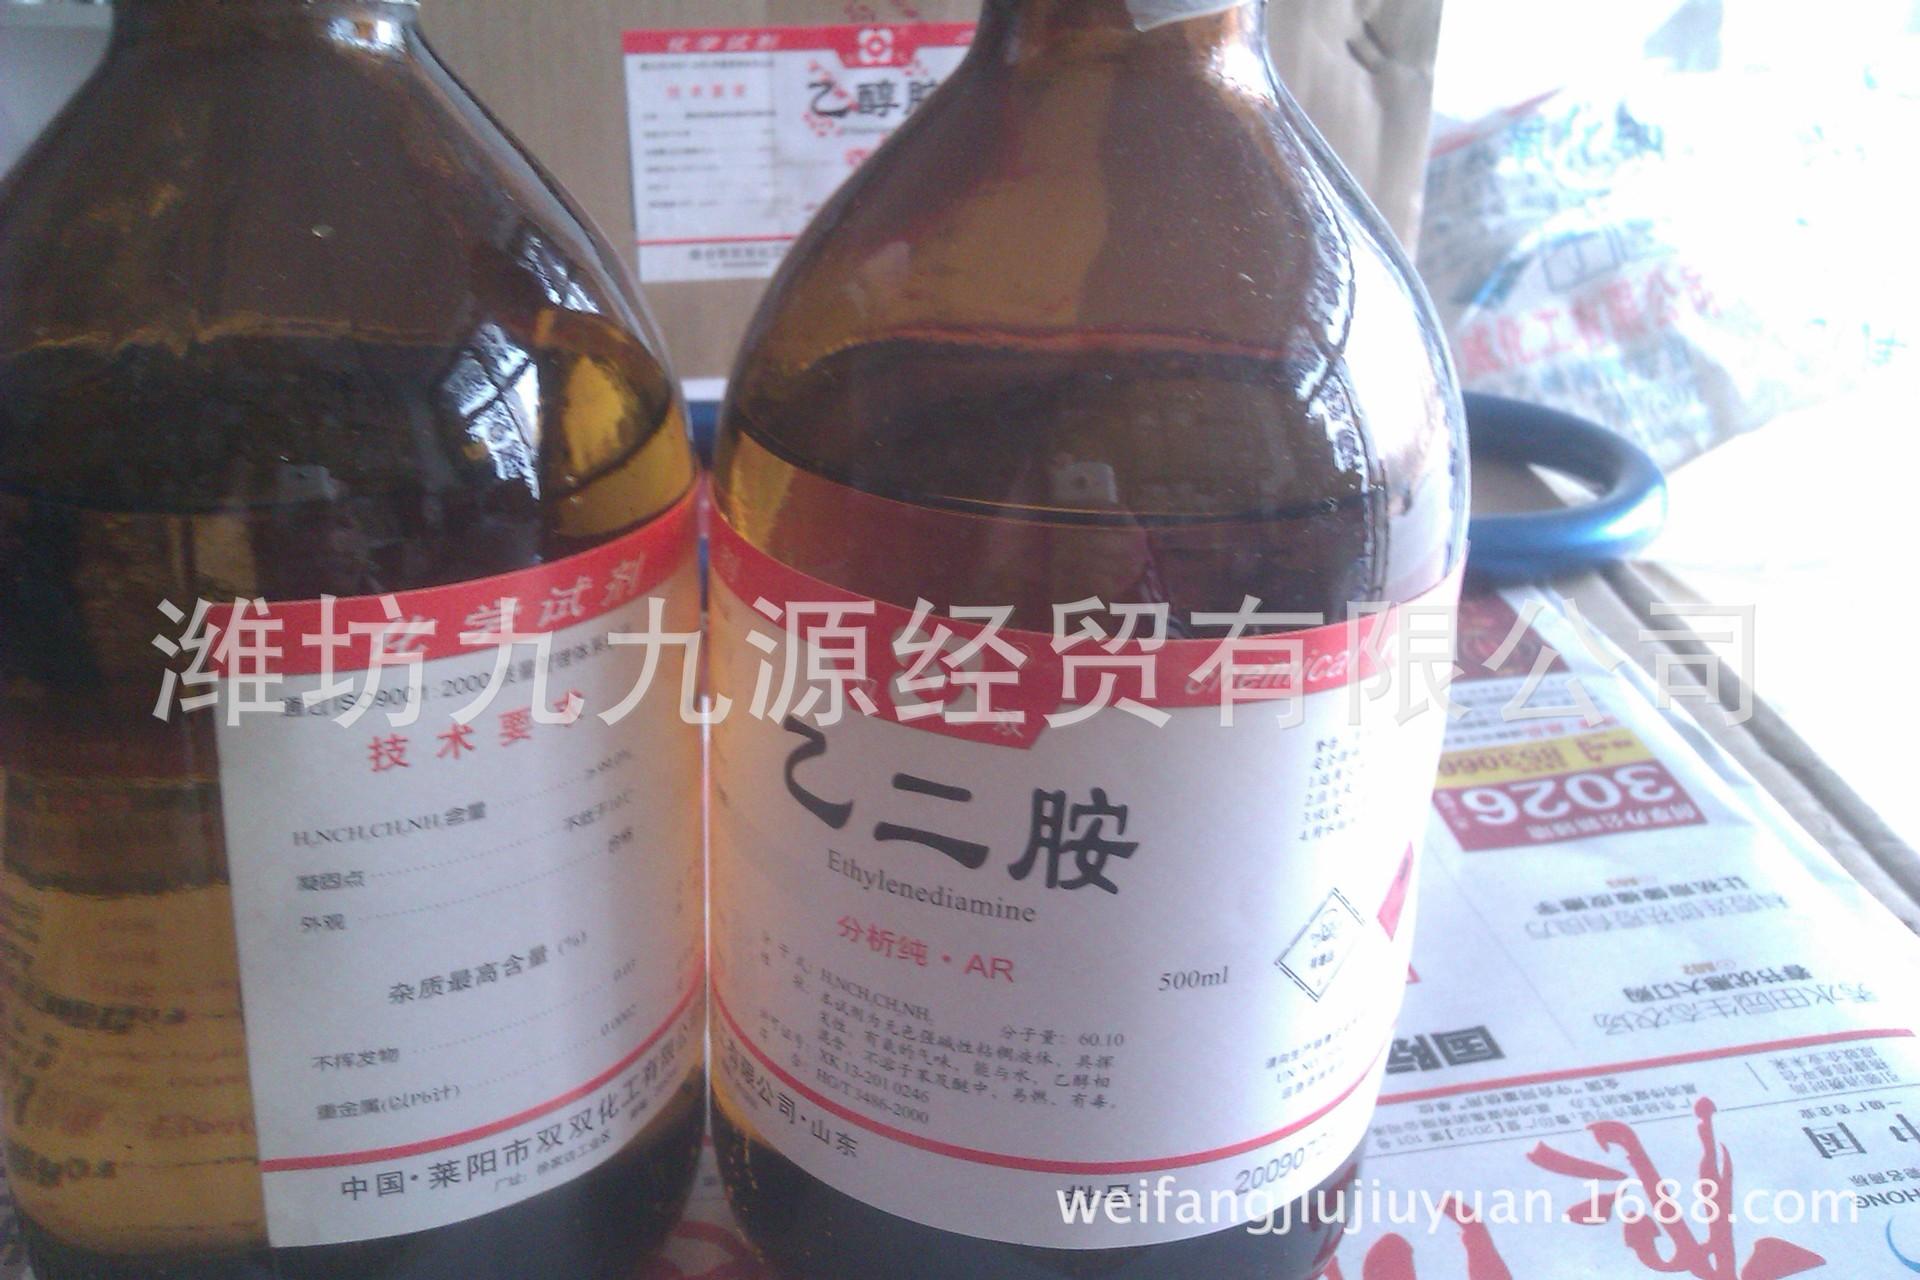 专业经营批发供应化学试剂乙二胺 AR500ML